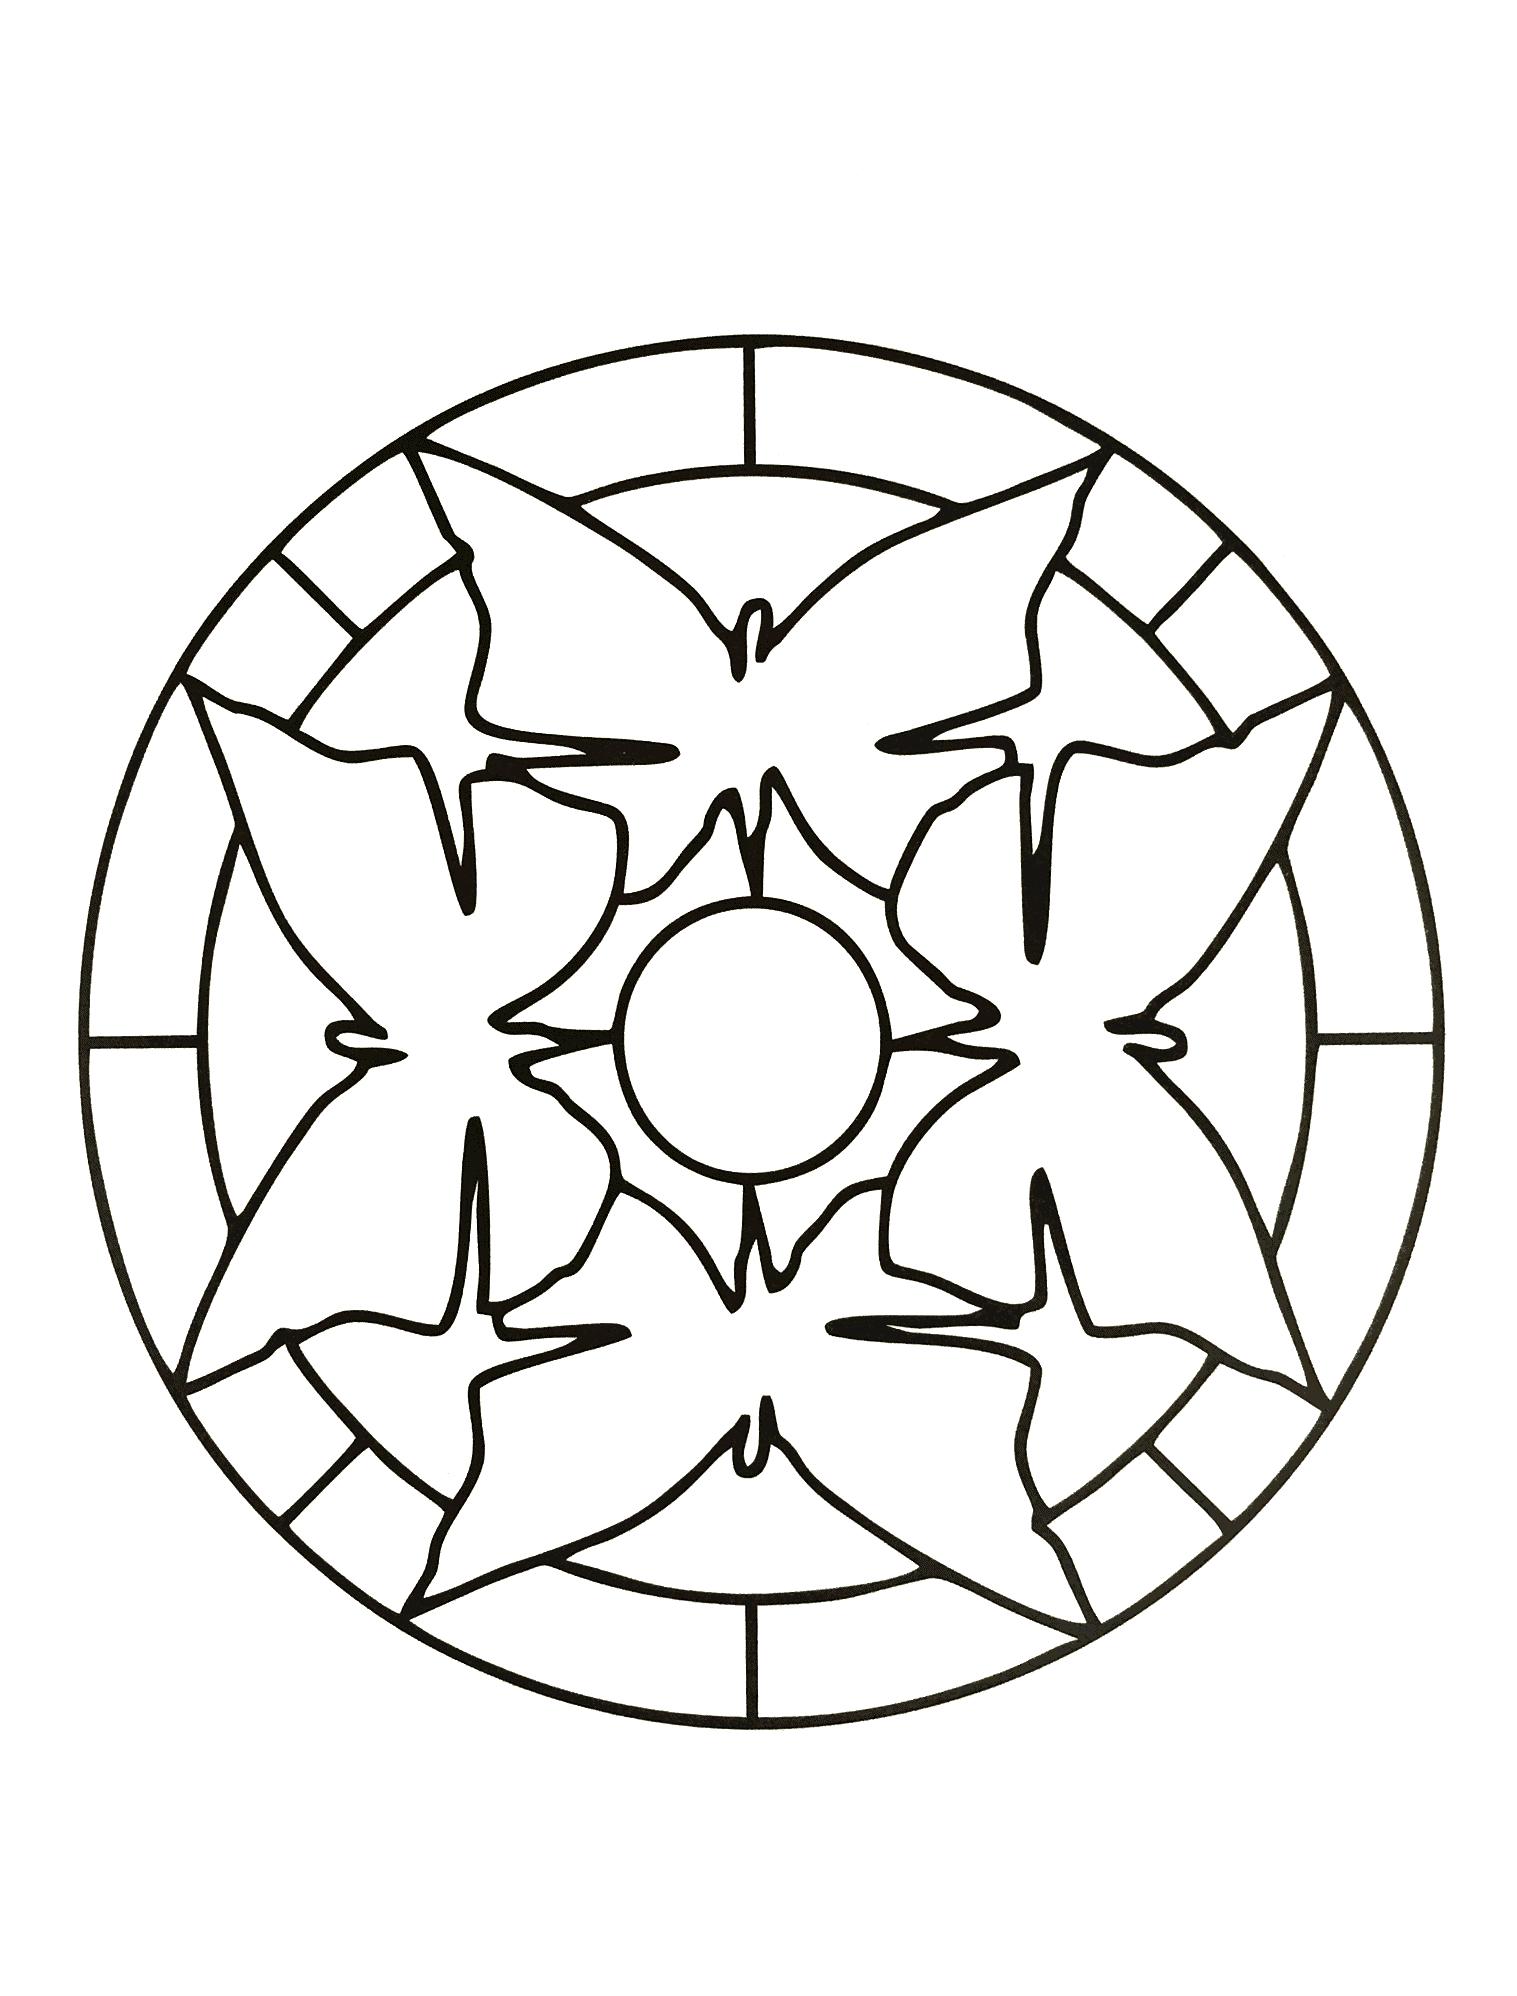 Mandalas A Imprimer Gratuit 9 - Joli Mandala Avec De Jolis tout Mandala À Colorier Et À Imprimer Gratuit